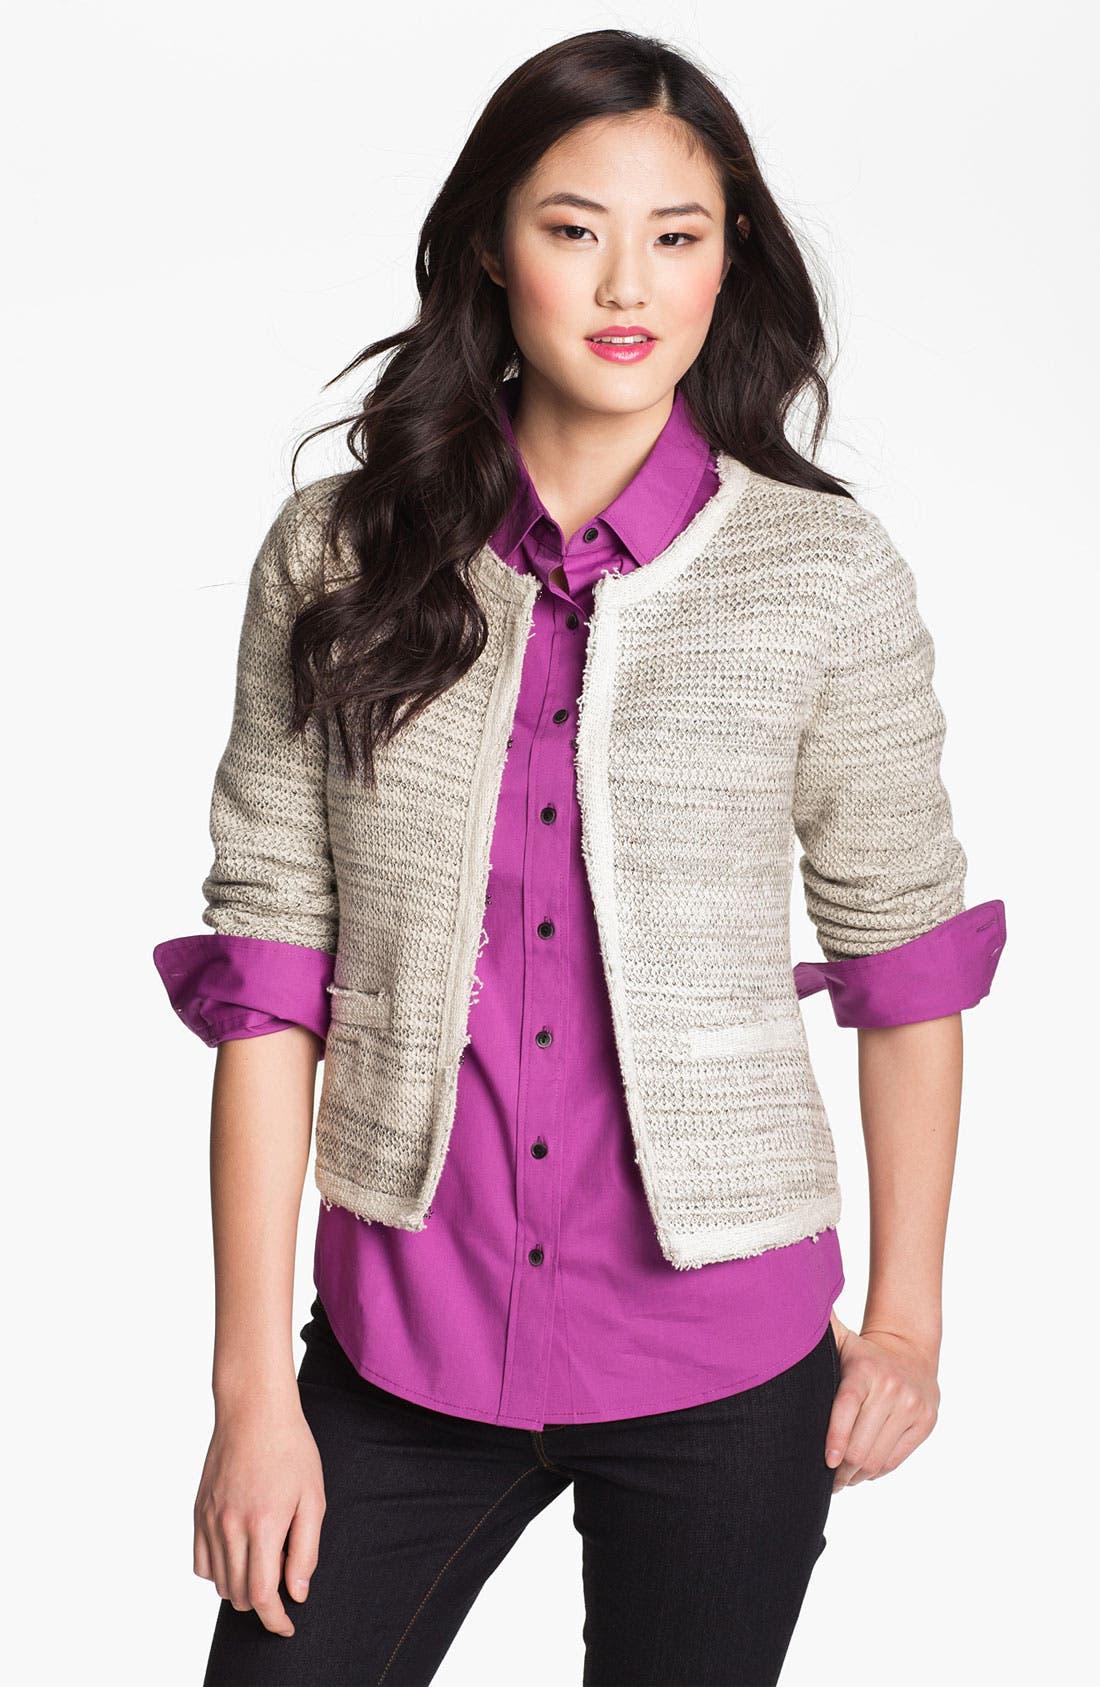 Alternate Image 1 Selected - Halogen® Jacquard Knit Jacket